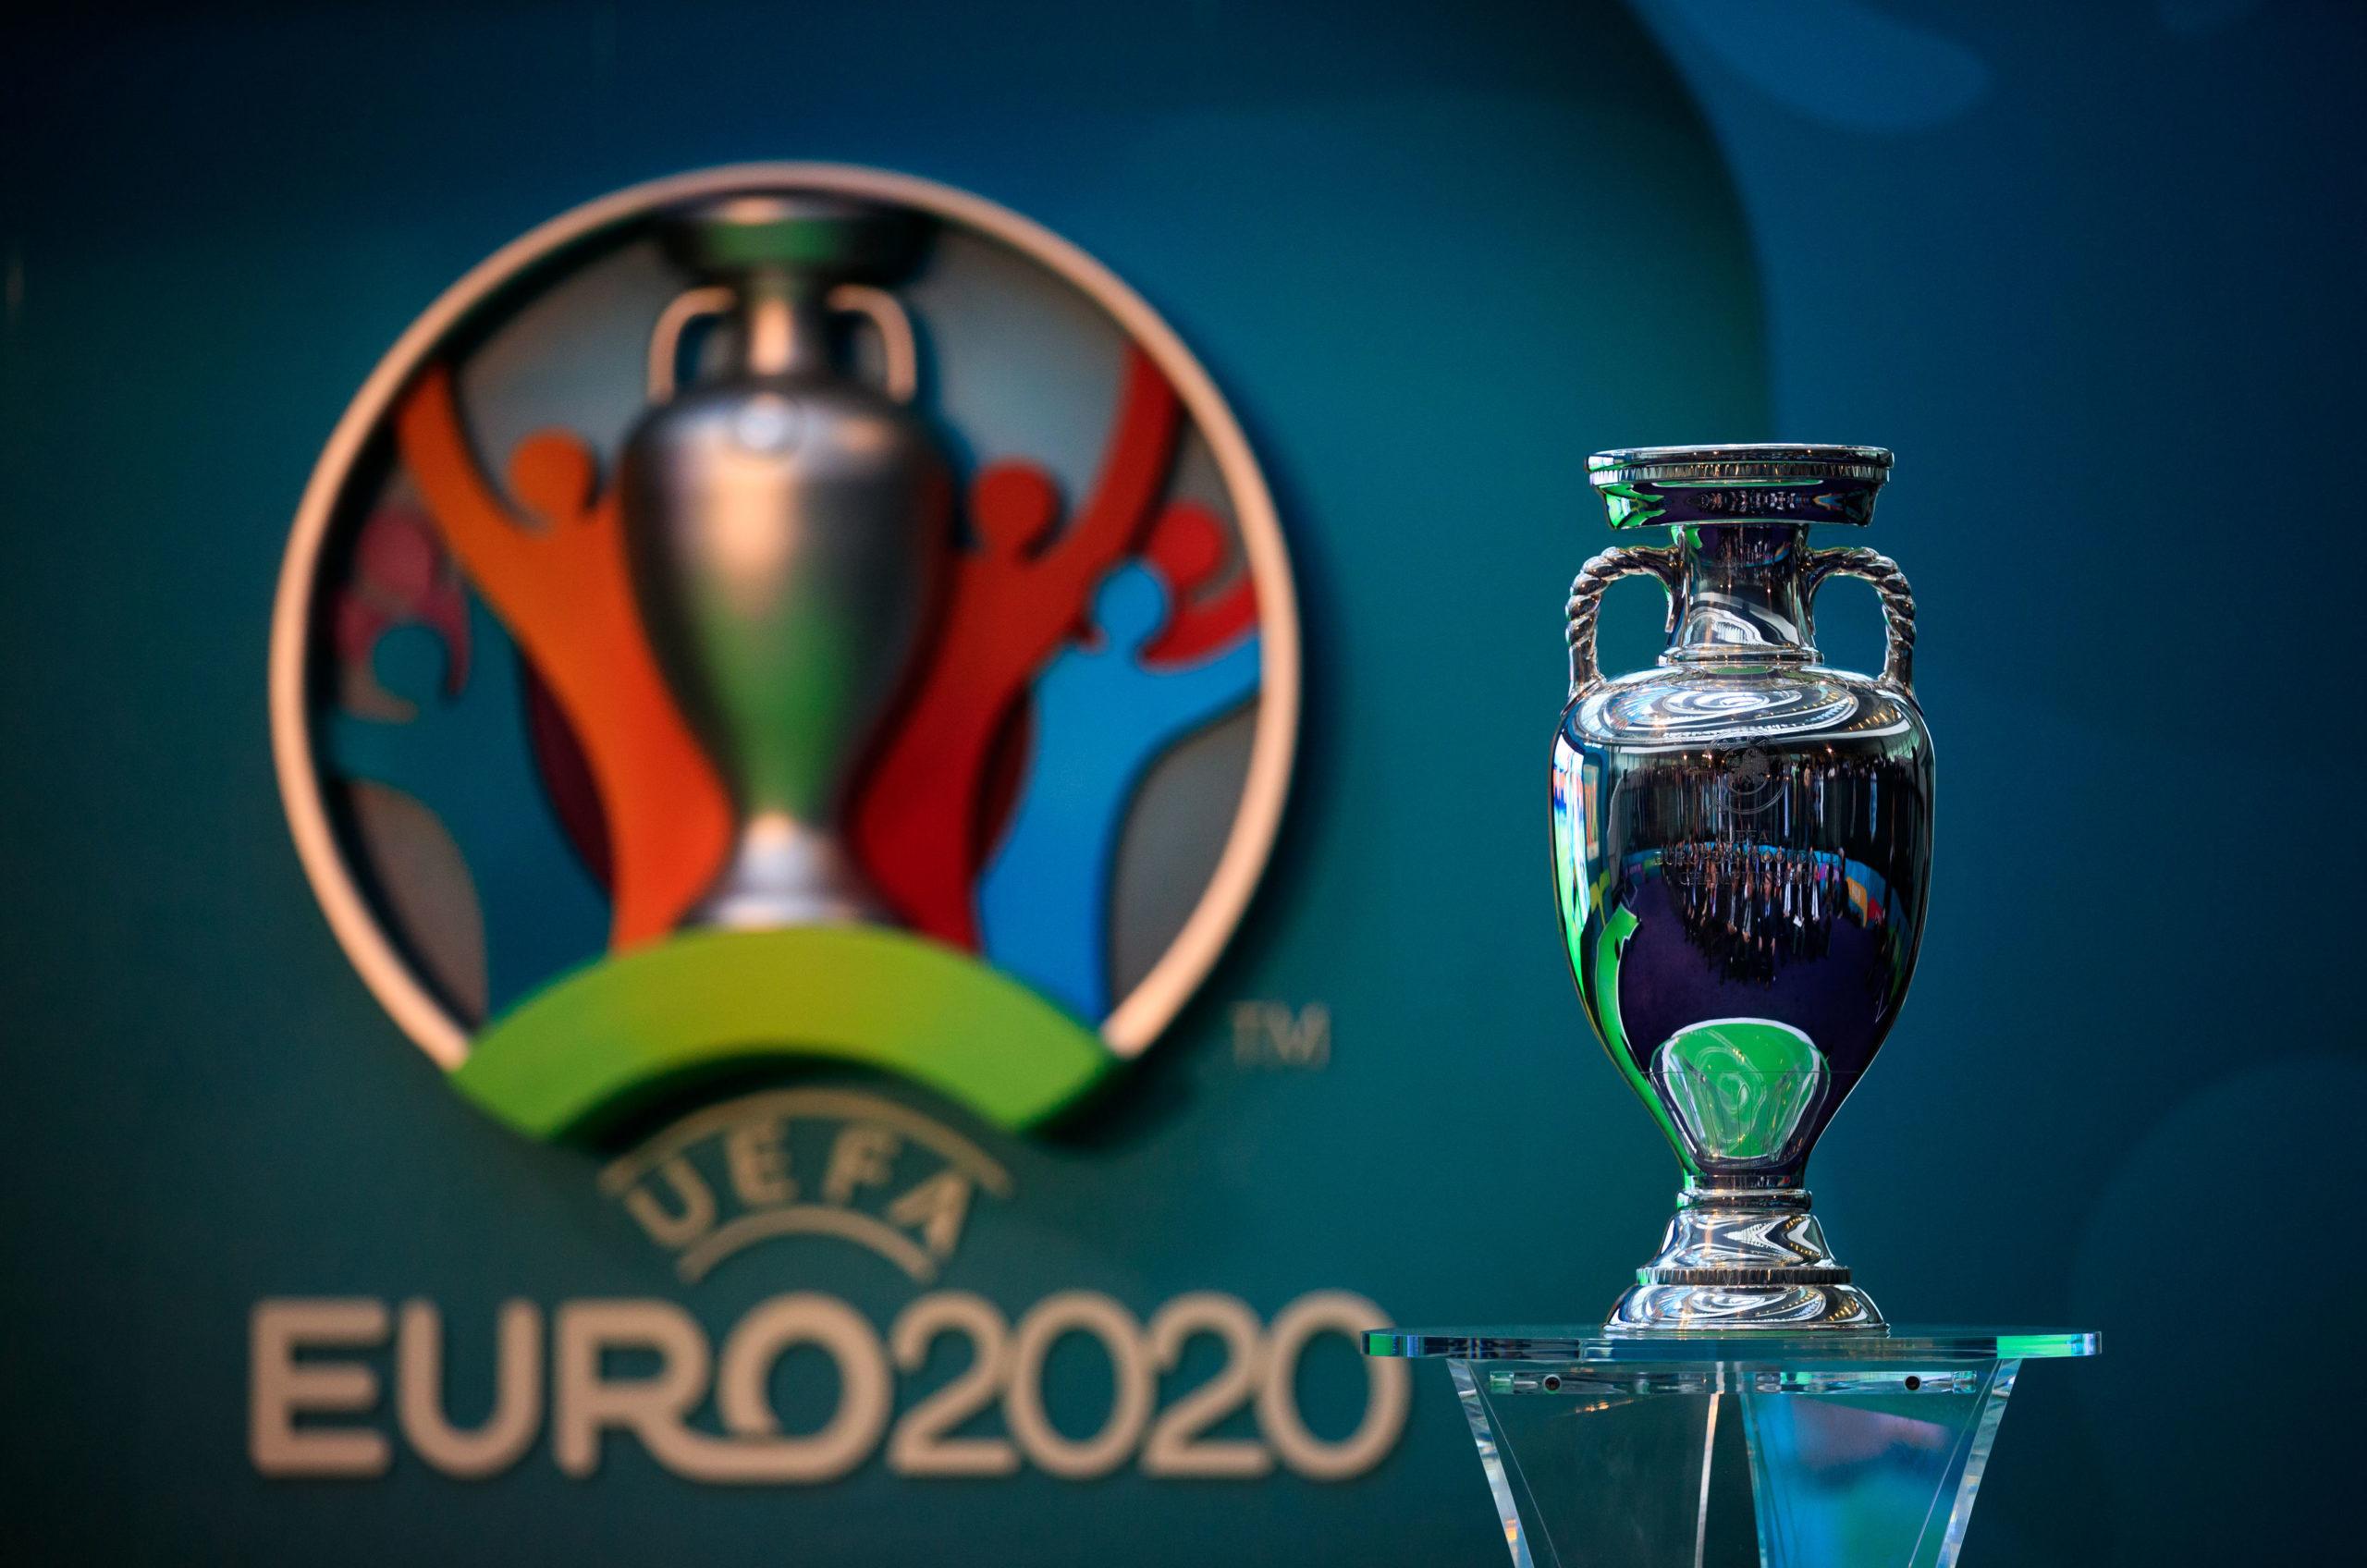 Euro 2020 has been postponed.